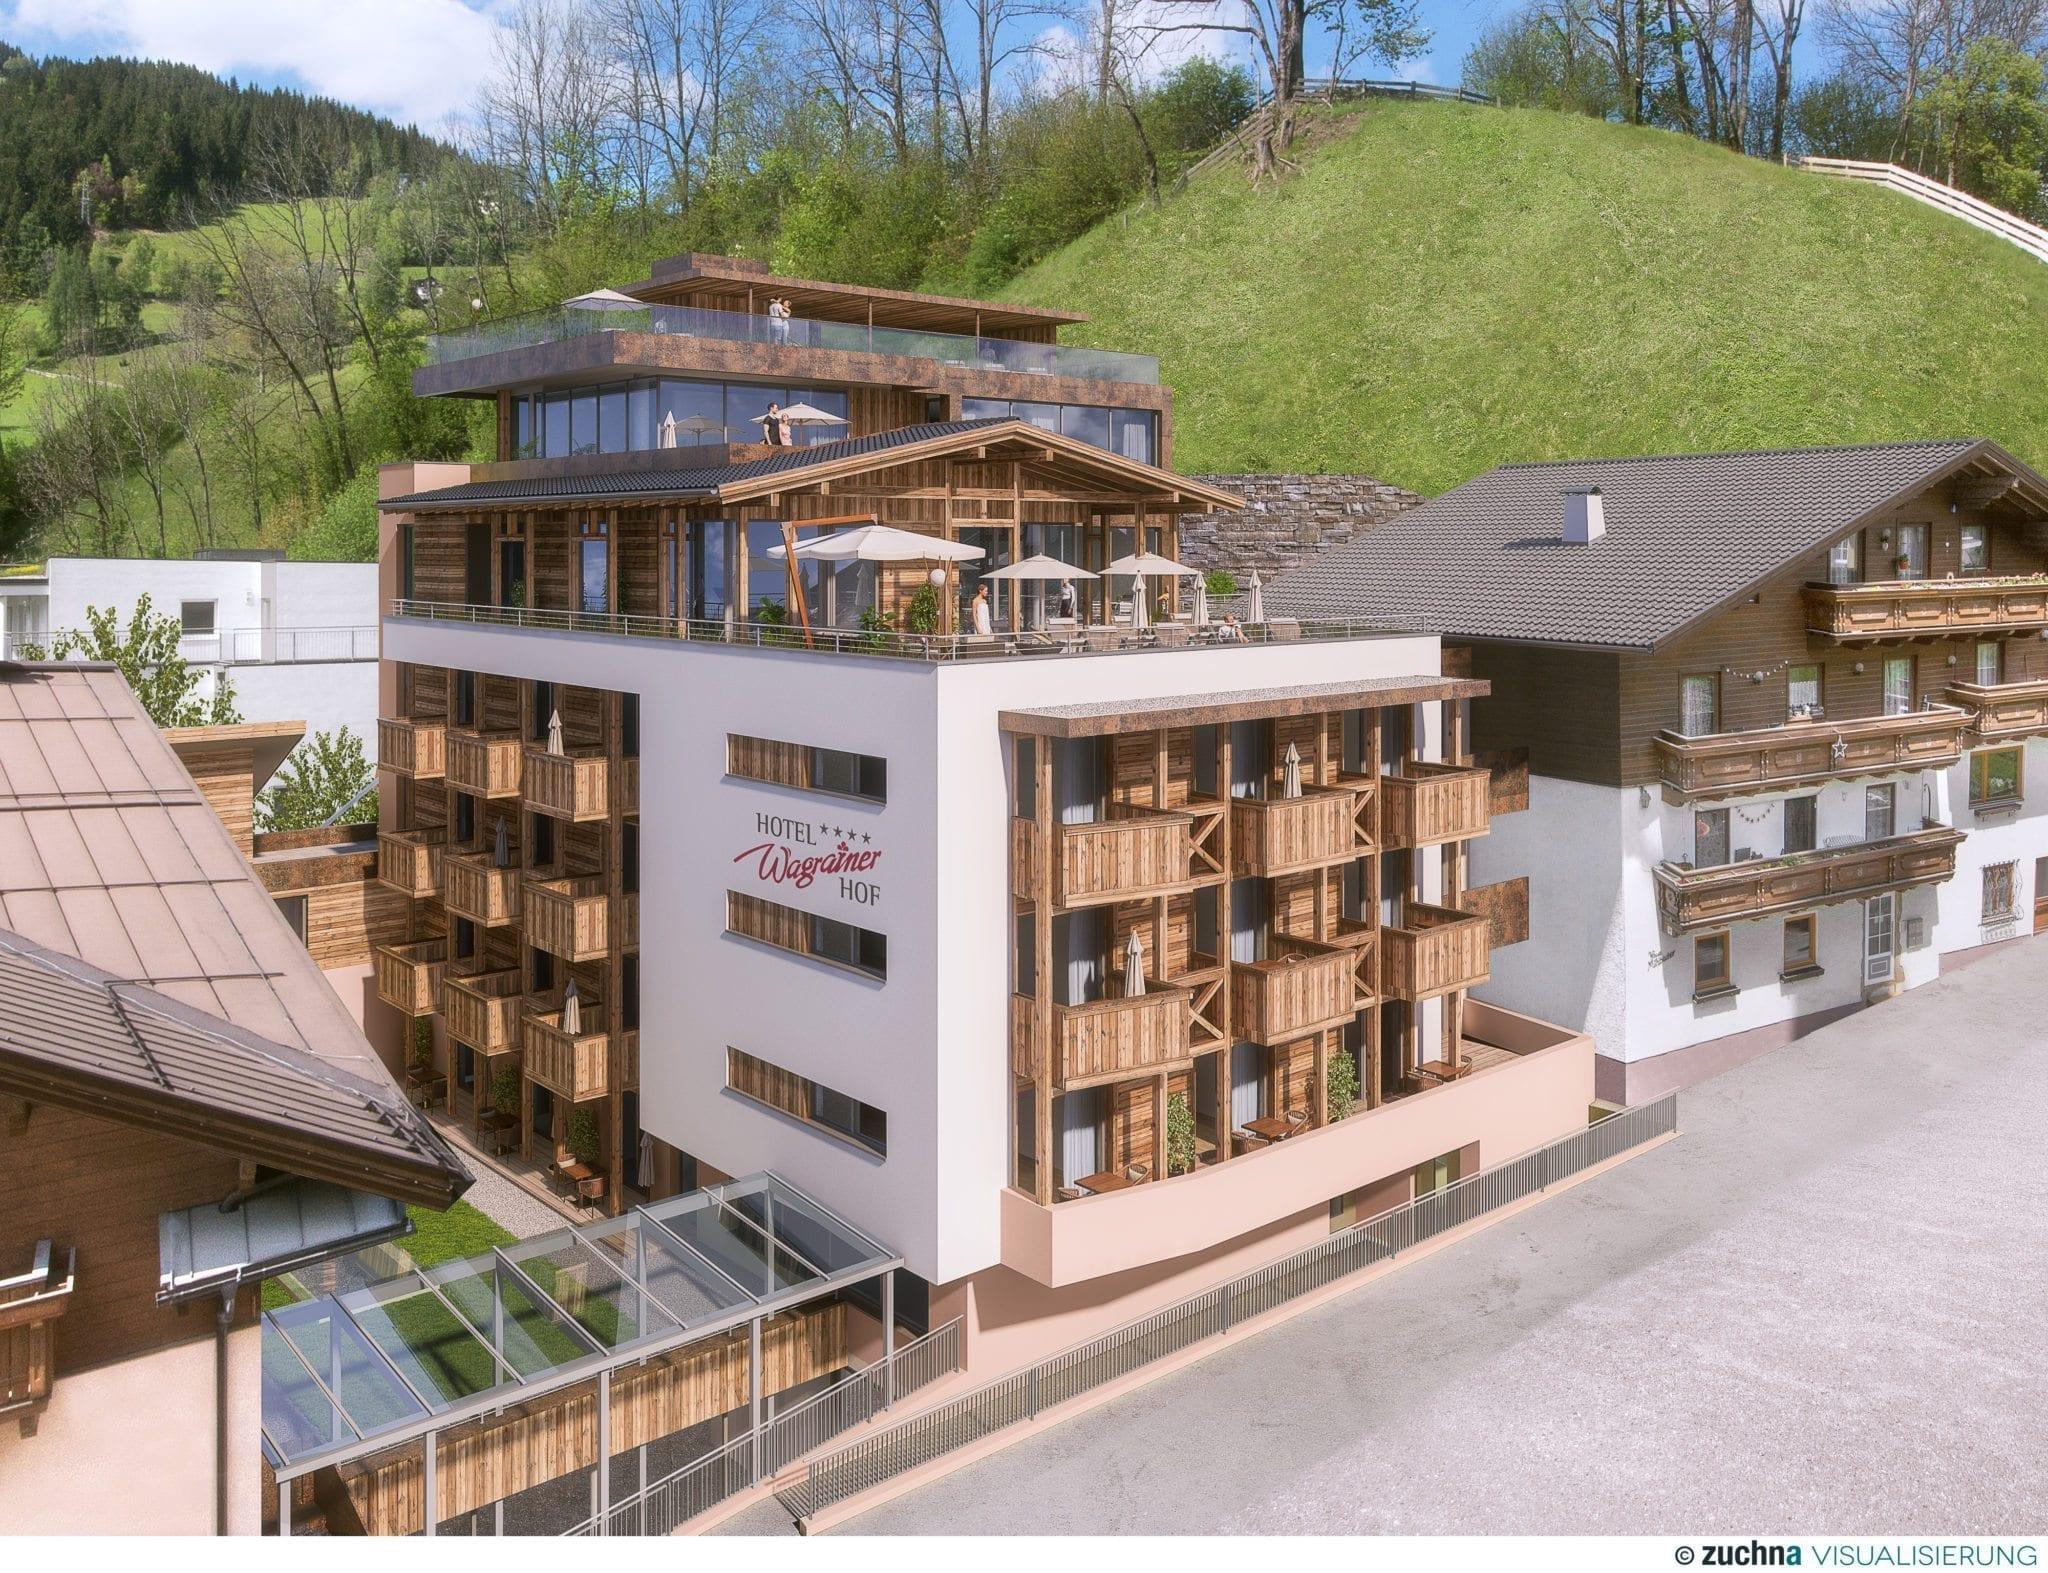 Plan des neuen Wellnesshotel Wagrainerhof